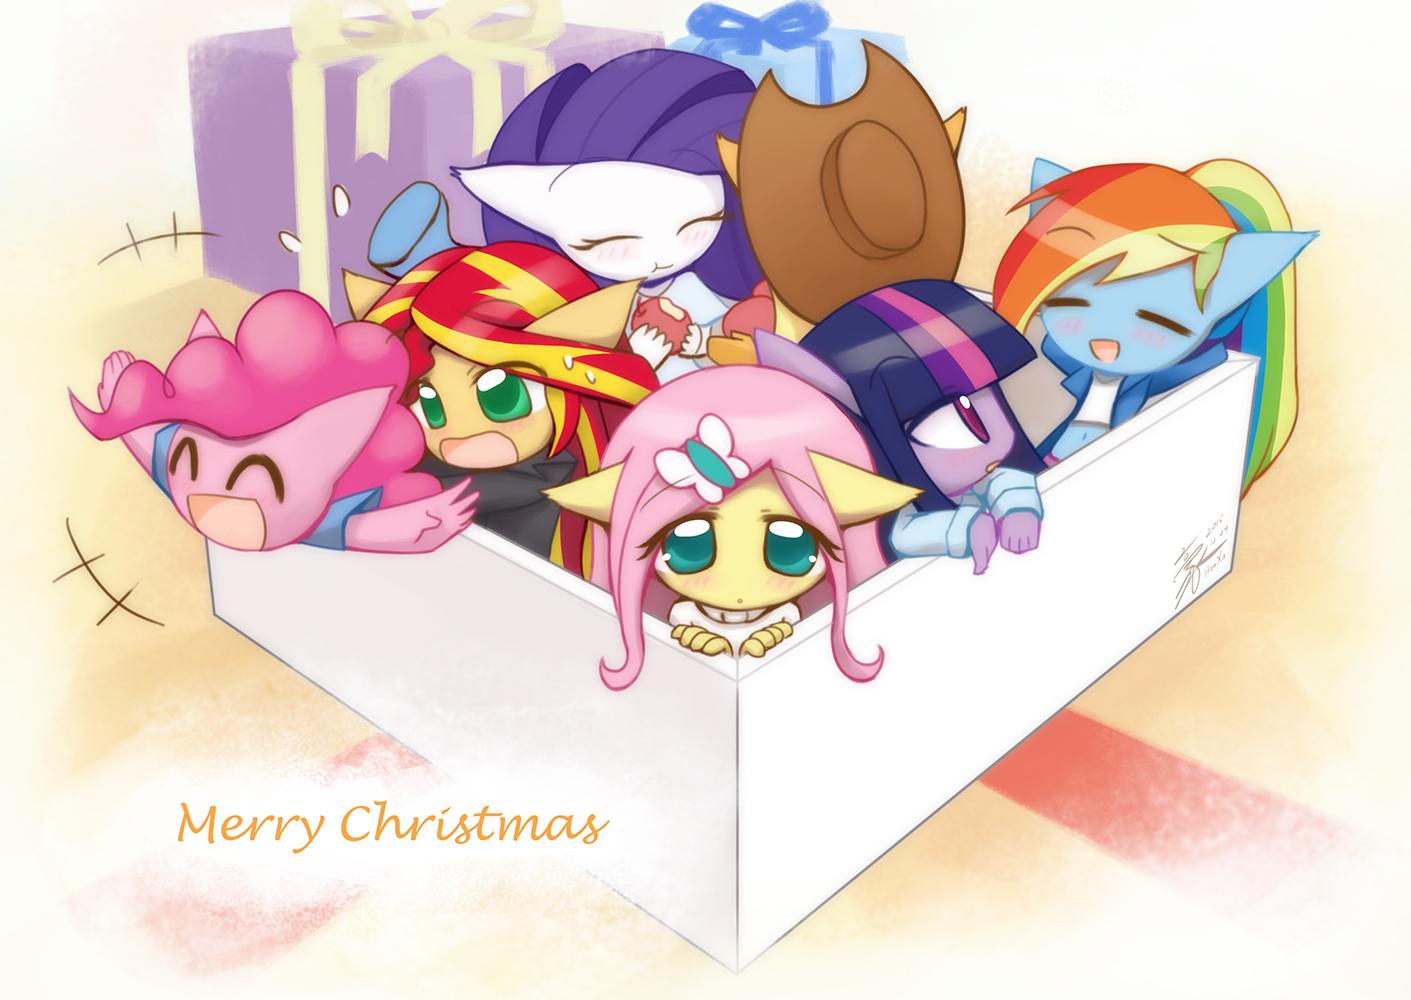 Всех с рождеством! (пршдшм) - Изображение 1